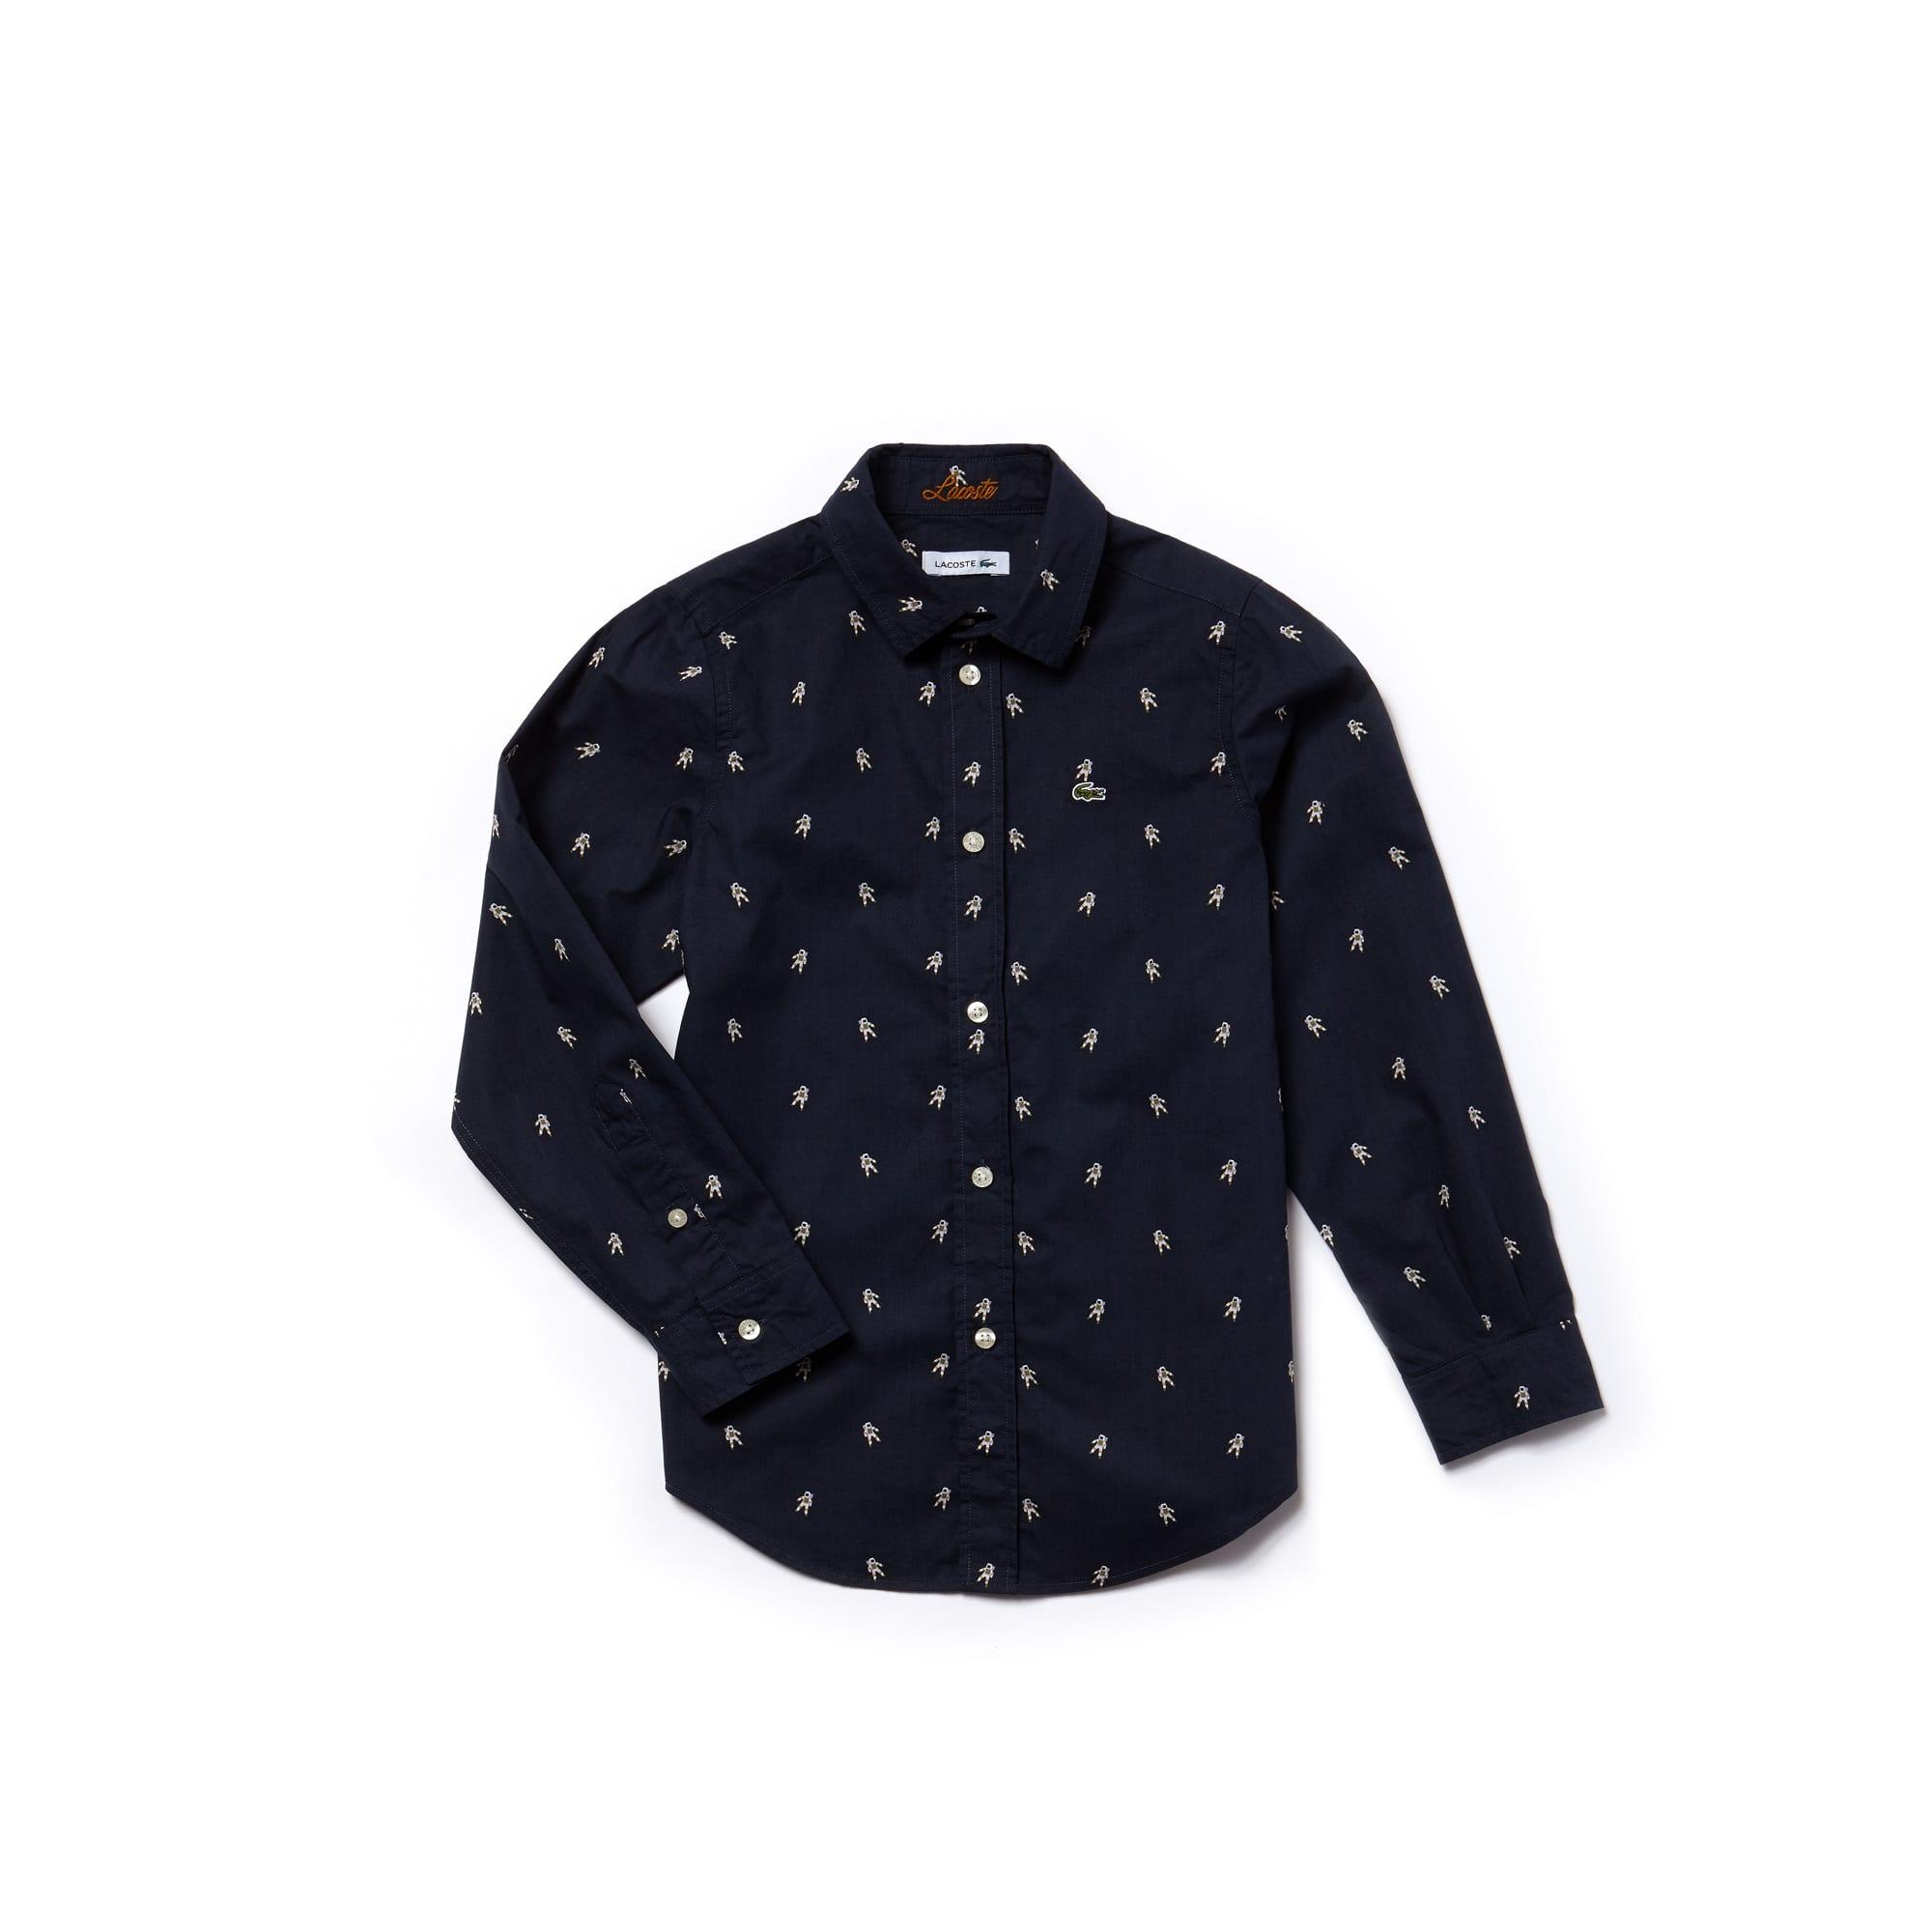 Jungen-Shirt aus Popeline mit Weltraum-Aufdruck